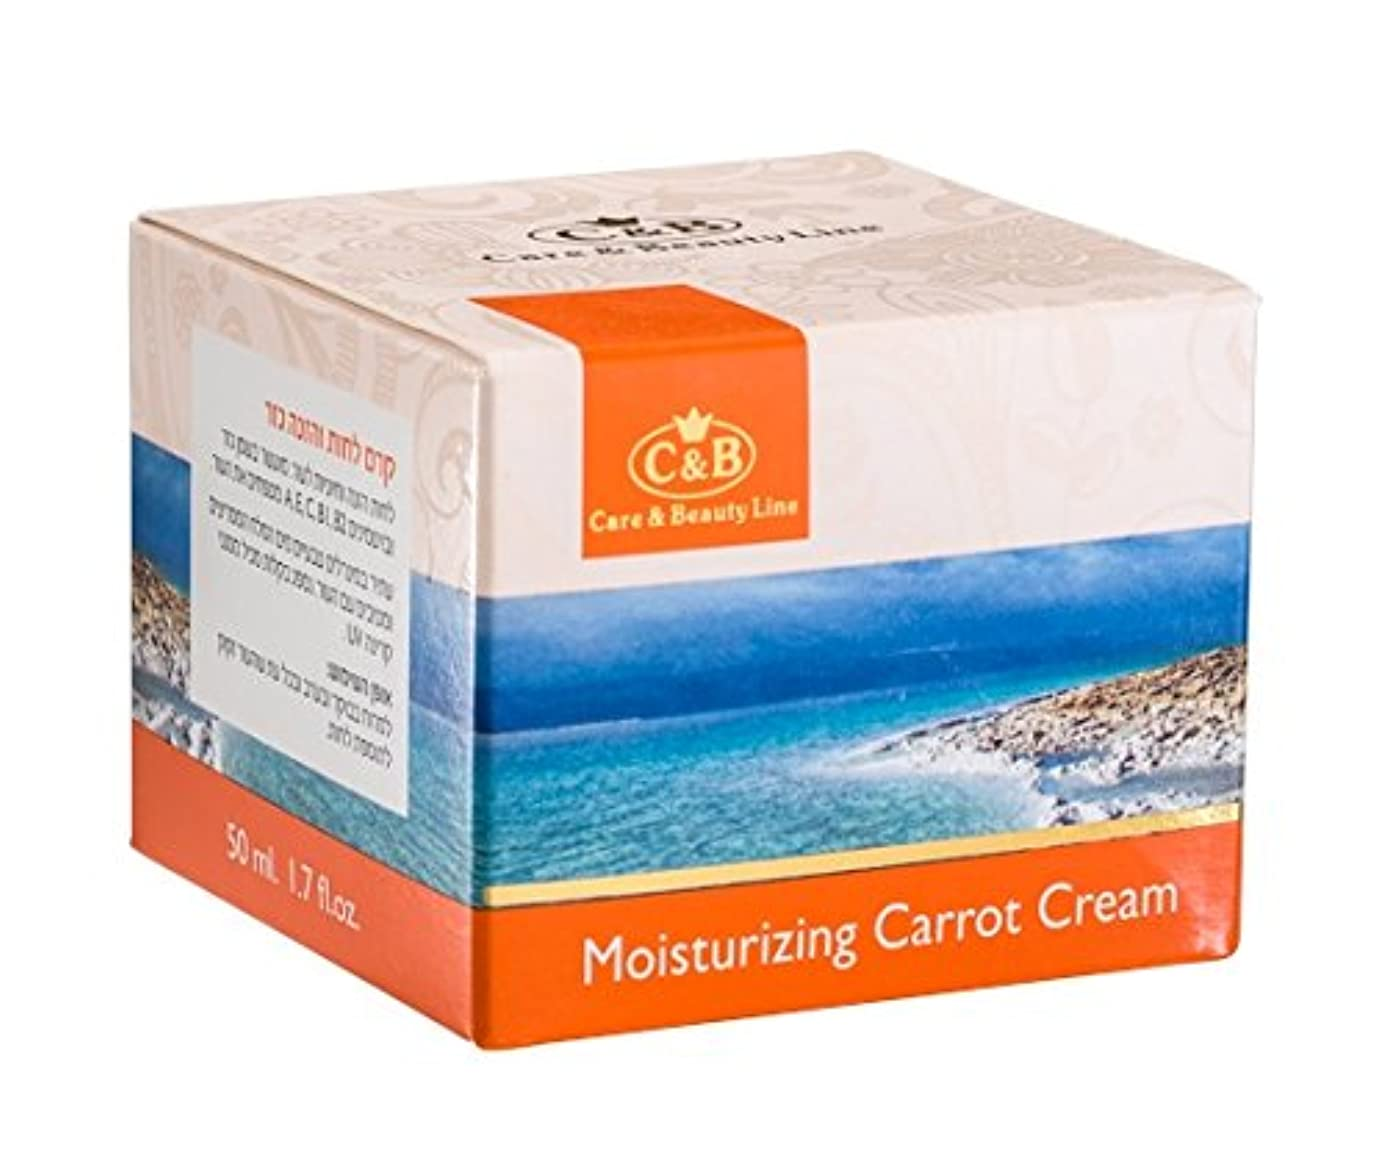 米国机祭司人参入り潤いと栄養のクリーム 50mL 死海ミネラル ( Moisturizing & Nourishing Cream with Carrot